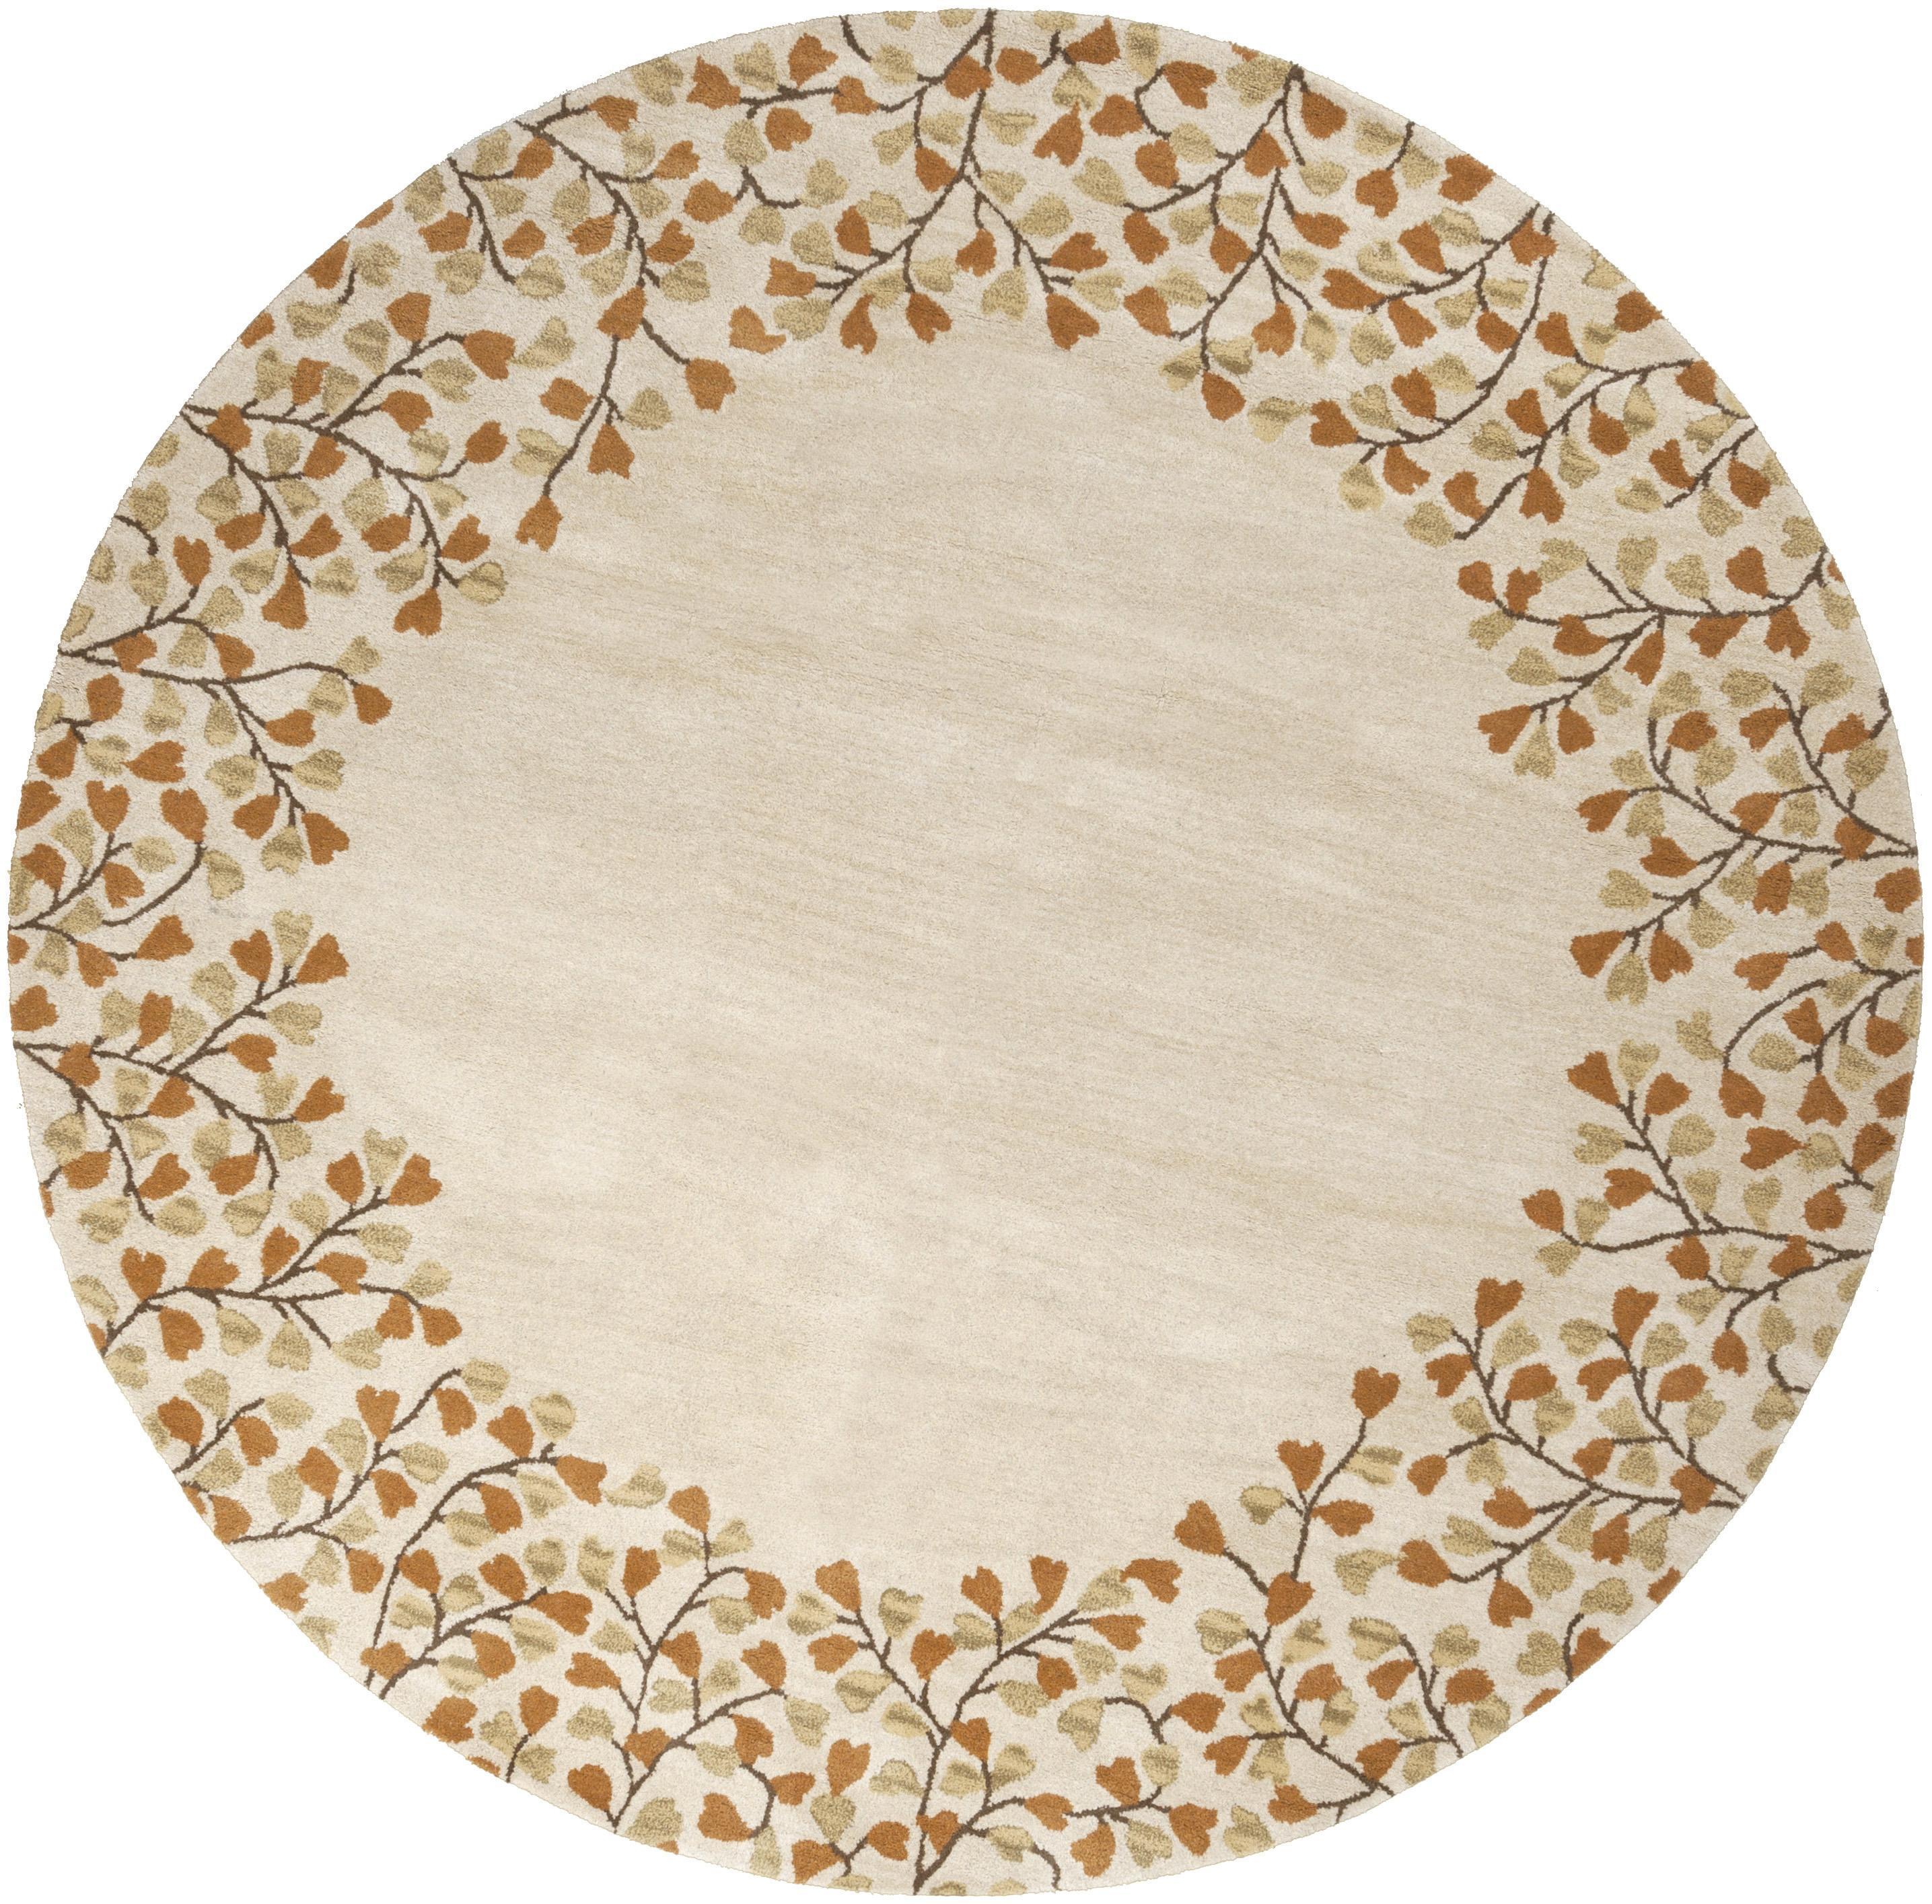 Surya Athena 4' Round - Item Number: ATH5118-4RD